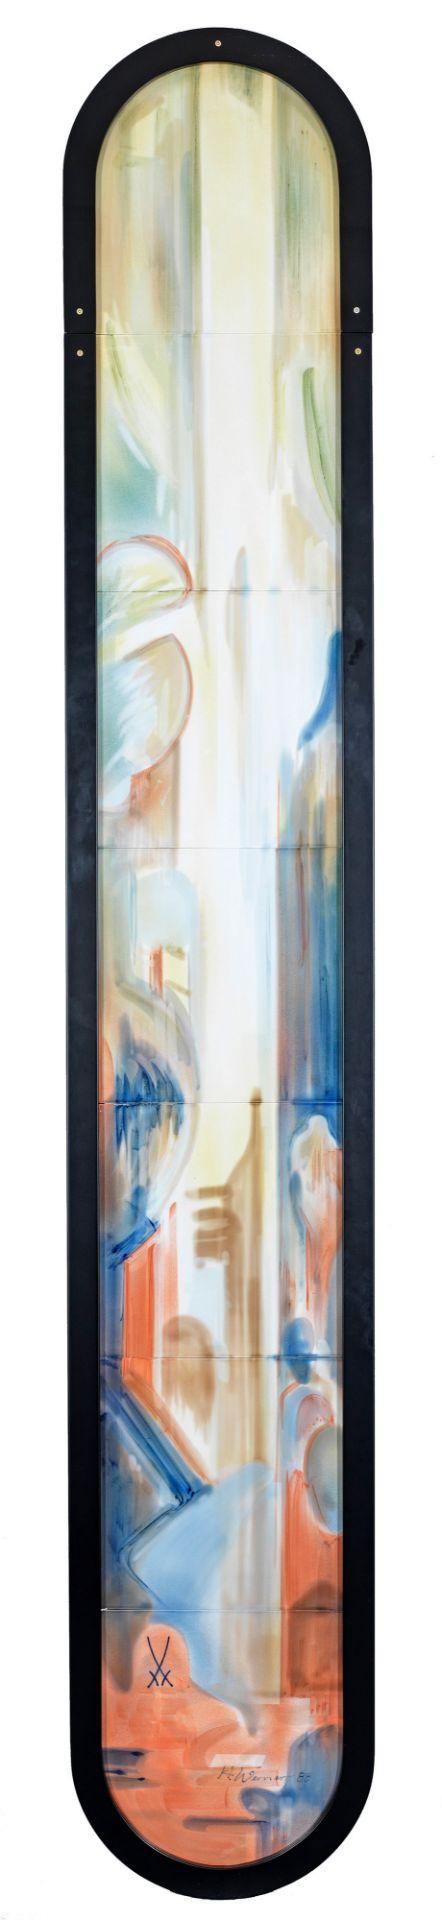 """Große Wanddekoration """"Farbige Abstraktion"""""""